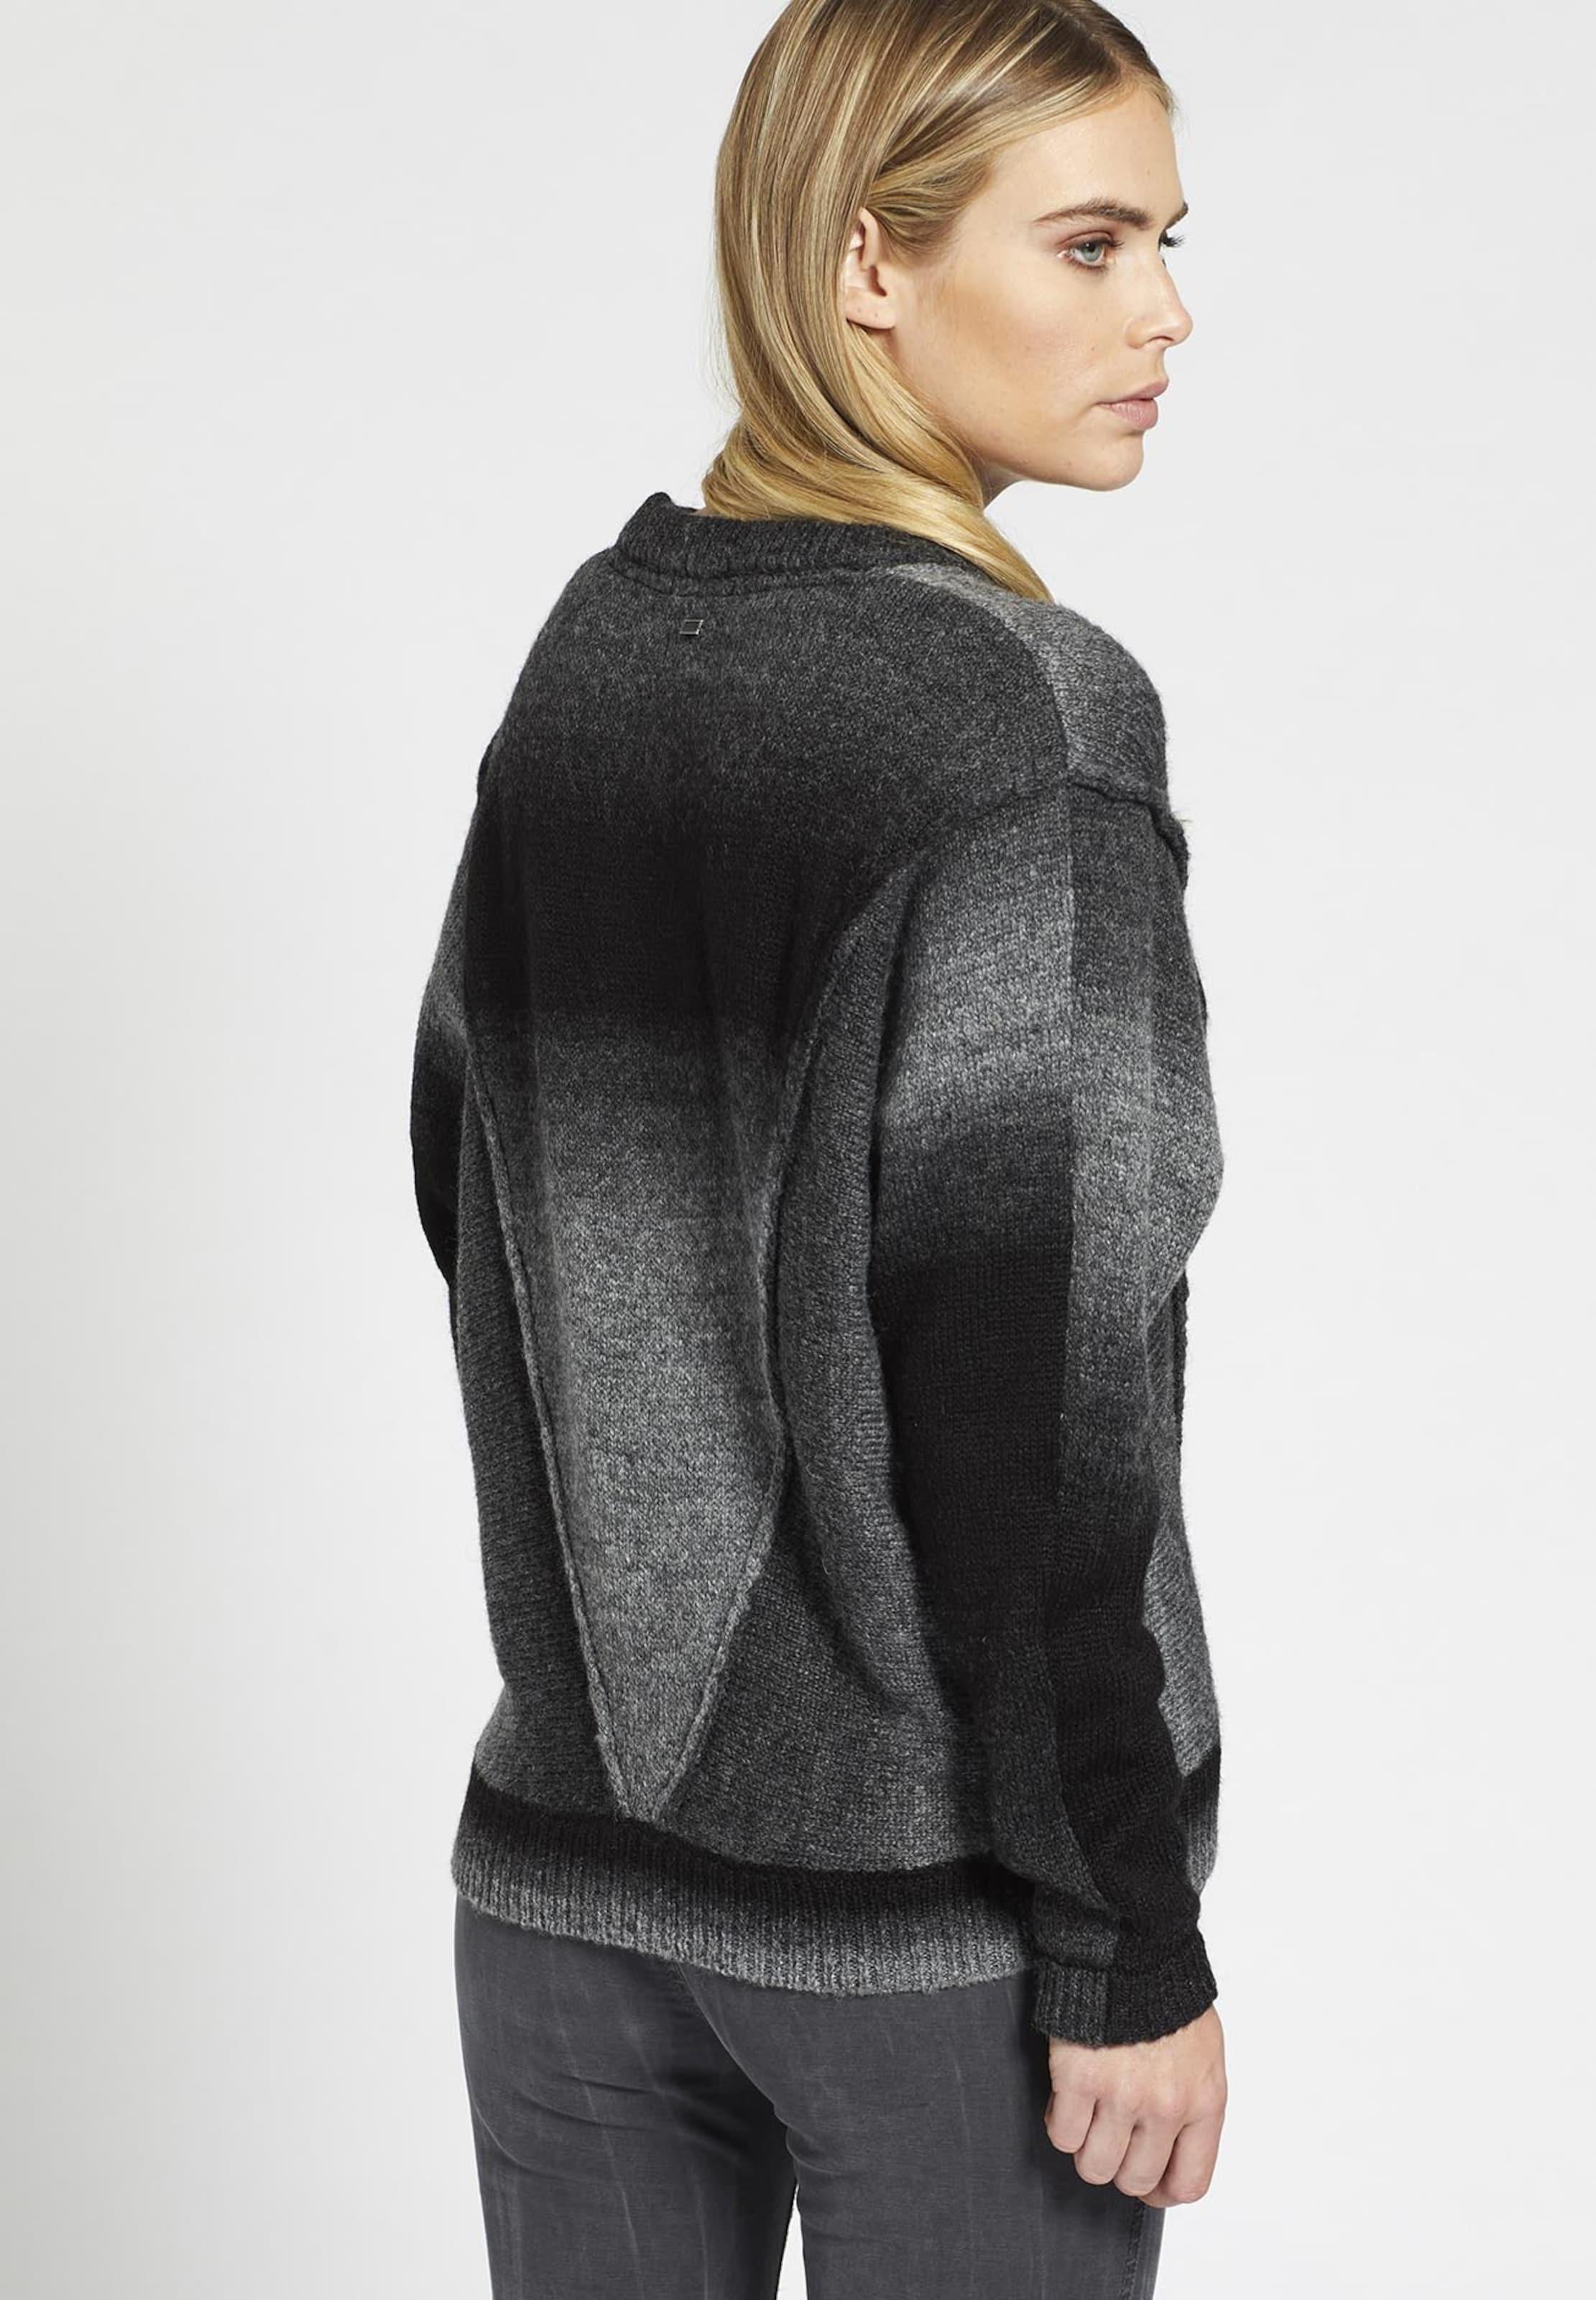 'TEIVA' Pullover Pullover 'TEIVA' khujo 'TEIVA' Pullover khujo khujo khujo q7Hxqgtw